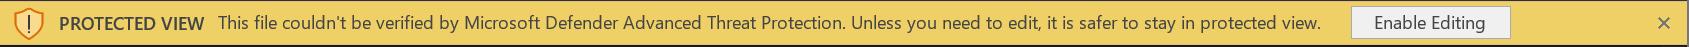 Dosyayı tararken hata oluşursa, MDATP iş çubuğunun ekran görüntüsü